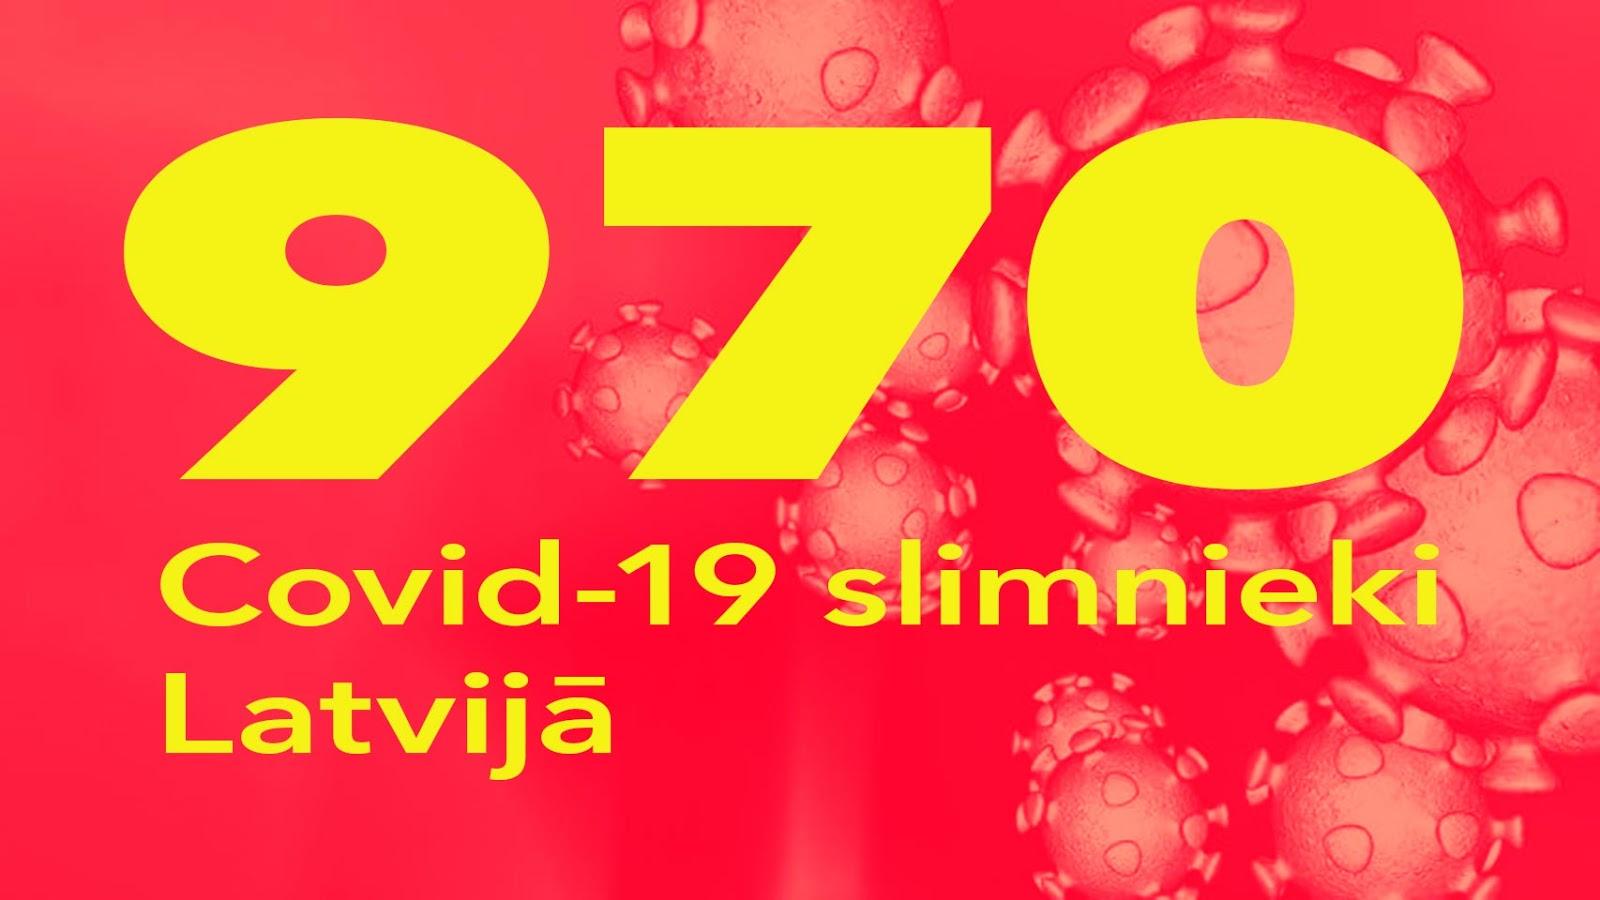 Koronavīrusa saslimušo skaits Latvijā 15.05.2020.